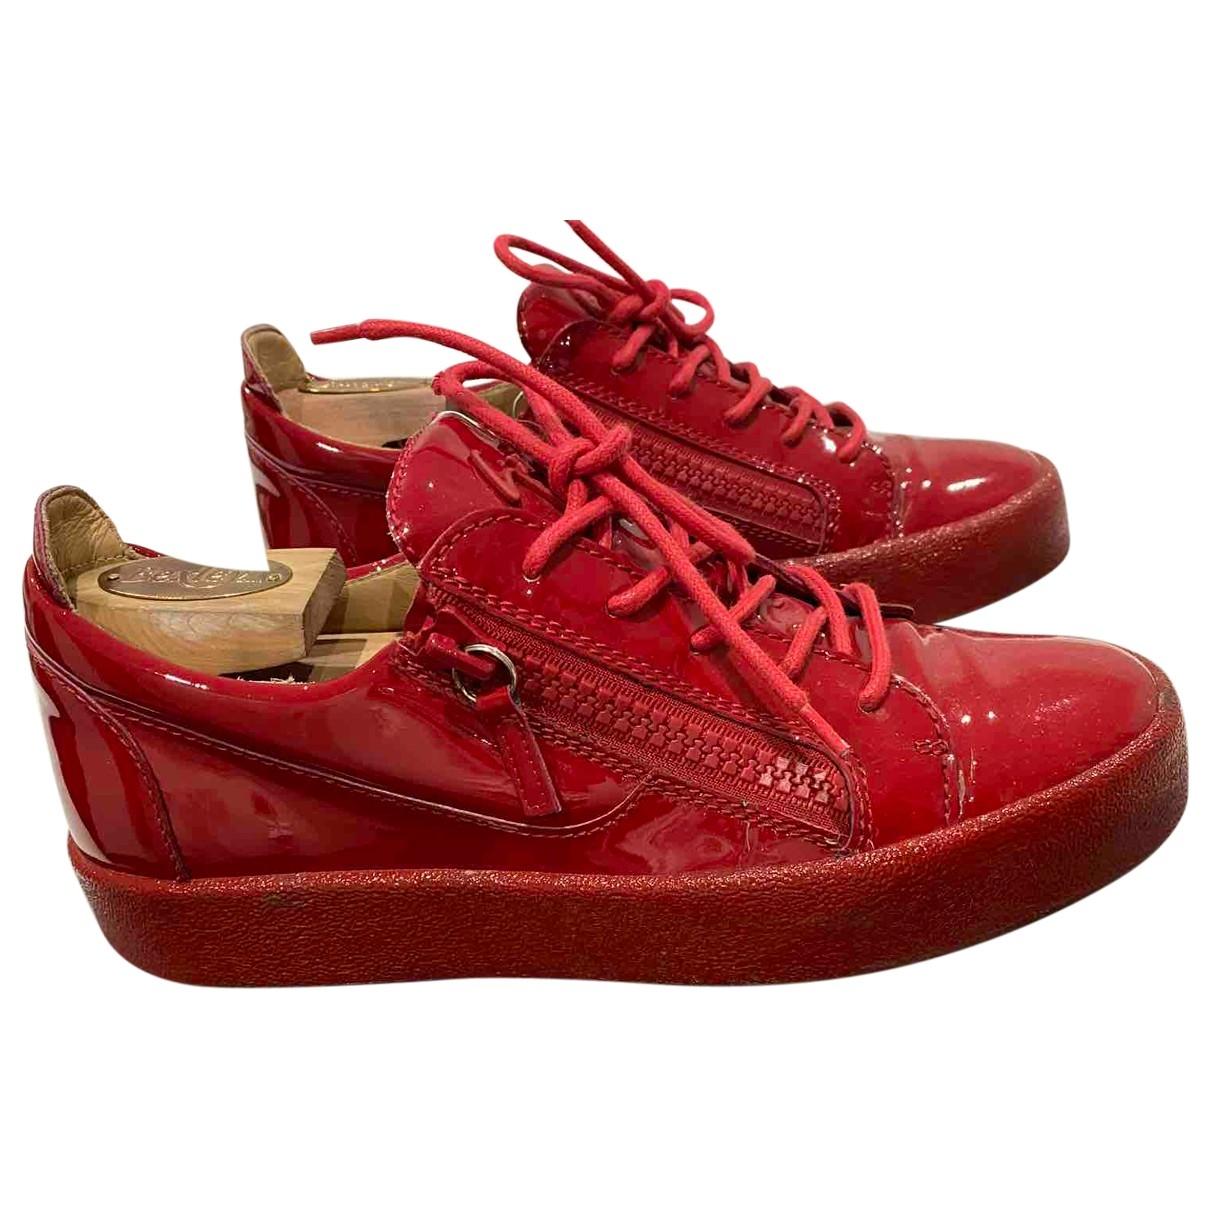 Giuseppe Zanotti - Baskets   pour homme en cuir verni - rouge